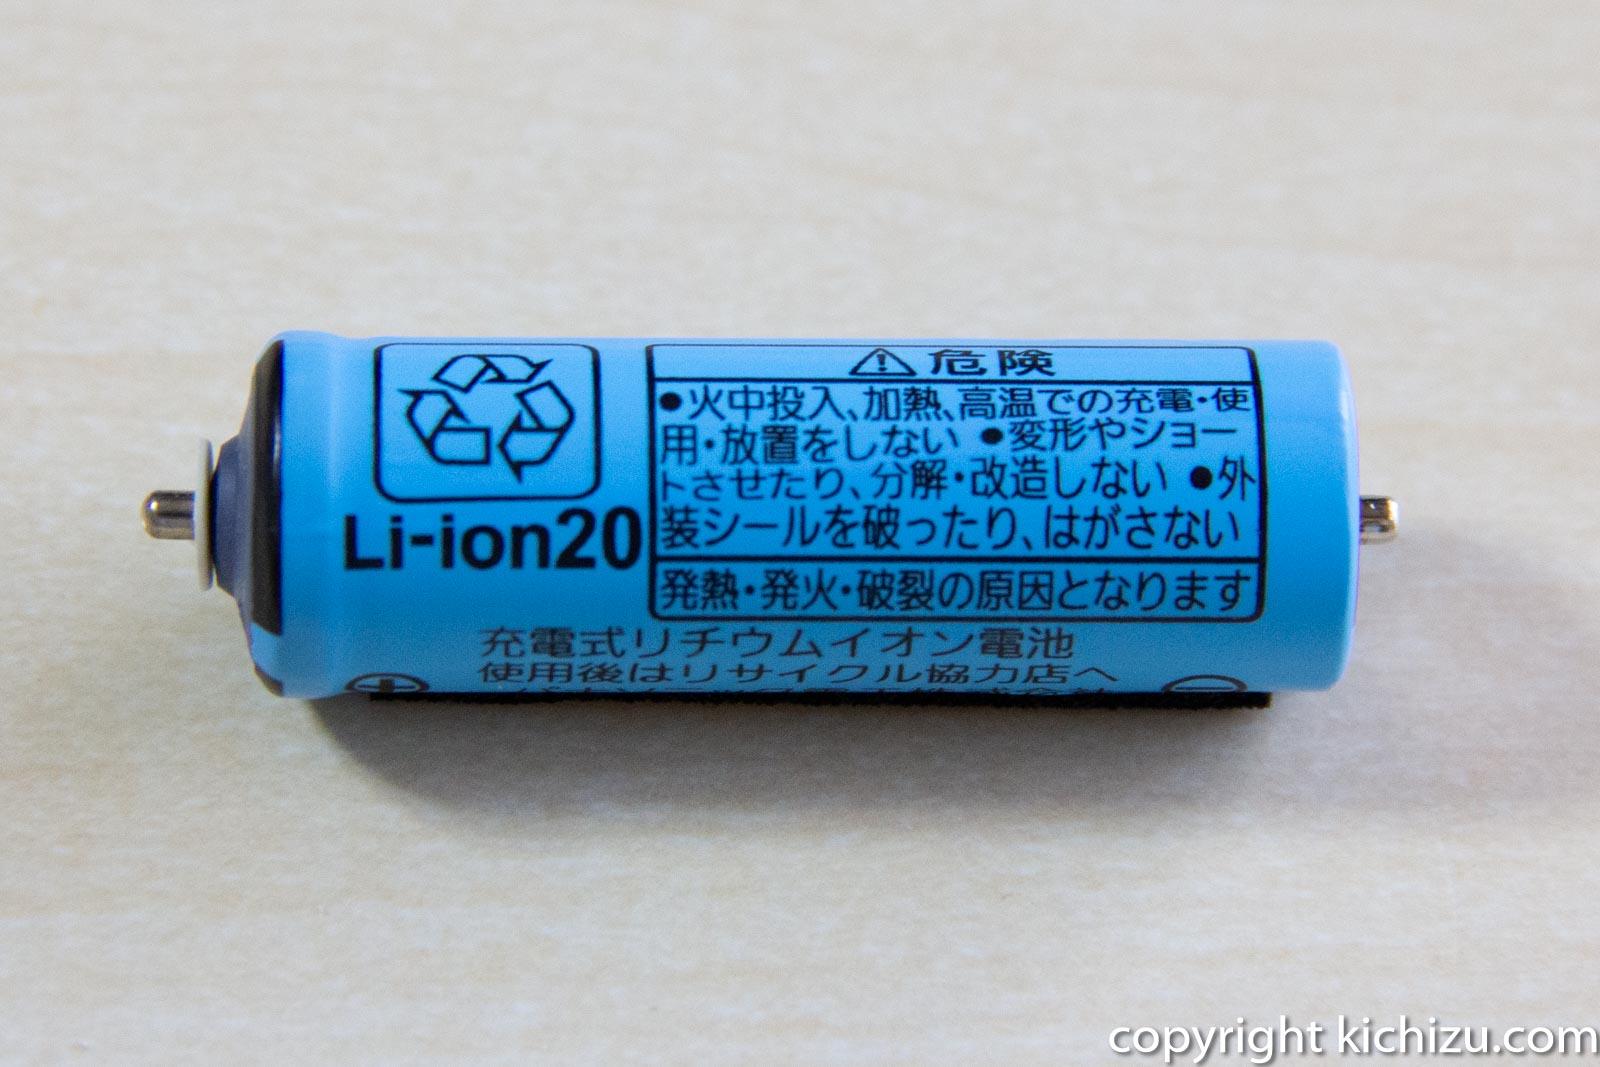 内蔵リチウムイオン電池